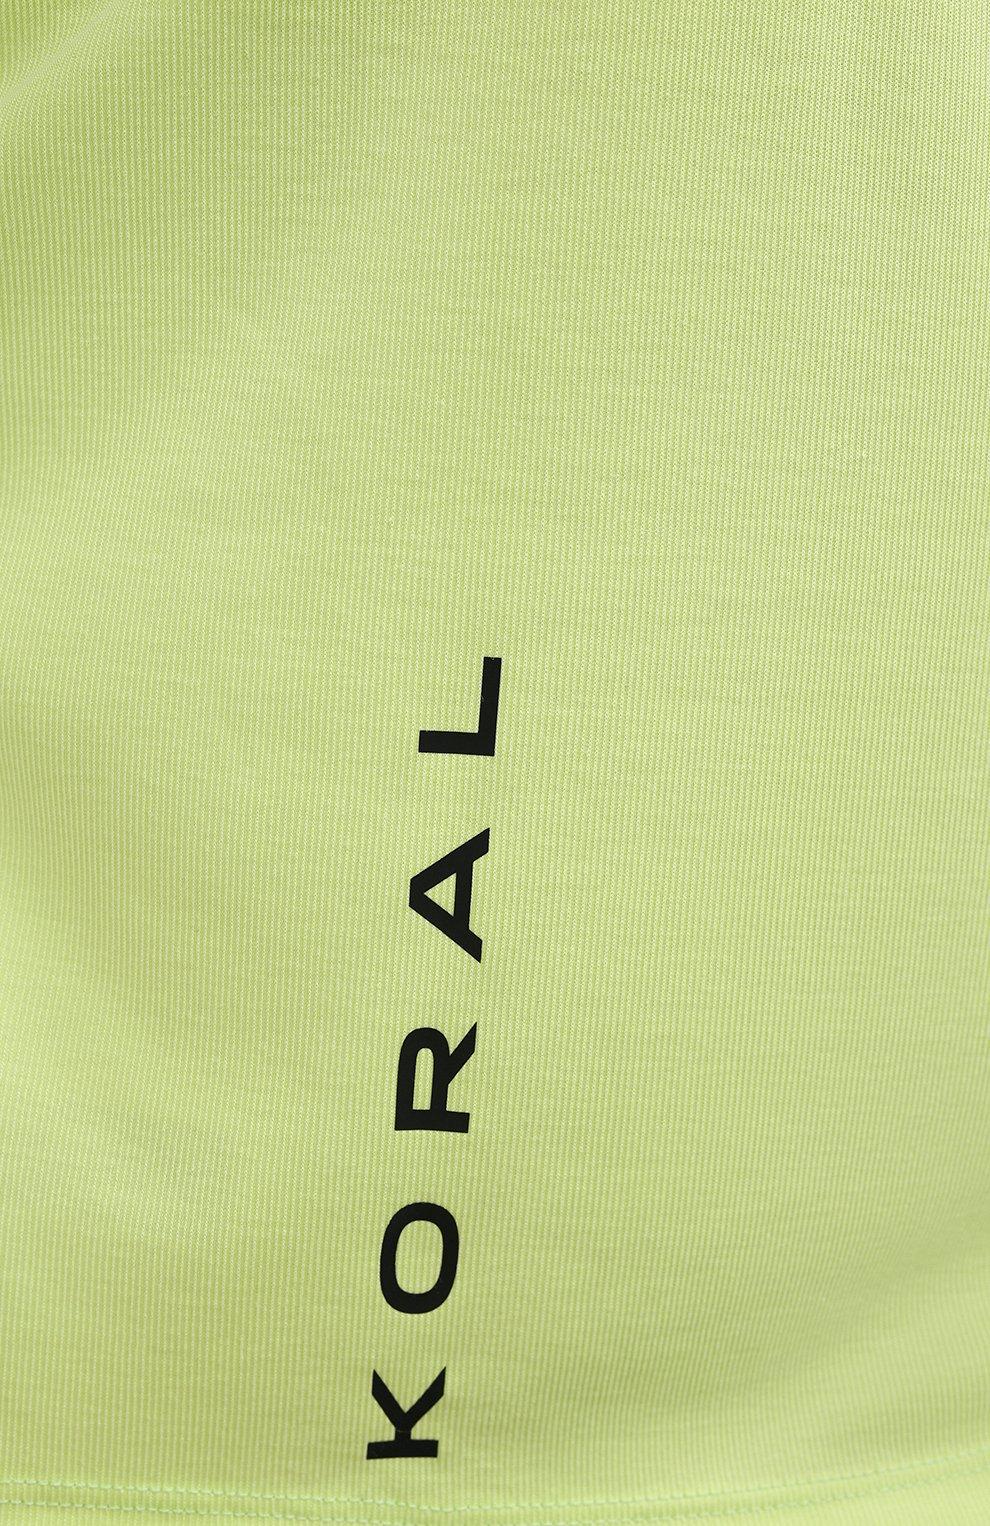 Женская футболка KORAL зеленого цвета, арт. A6427J85 | Фото 5 (Женское Кросс-КТ: Футболка-спорт, Футболка-одежда; Принт: Без принта; Рукава: Короткие; Материал внешний: Синтетический материал; Стили: Спорт-шик; Длина (для топов): Укороченные)